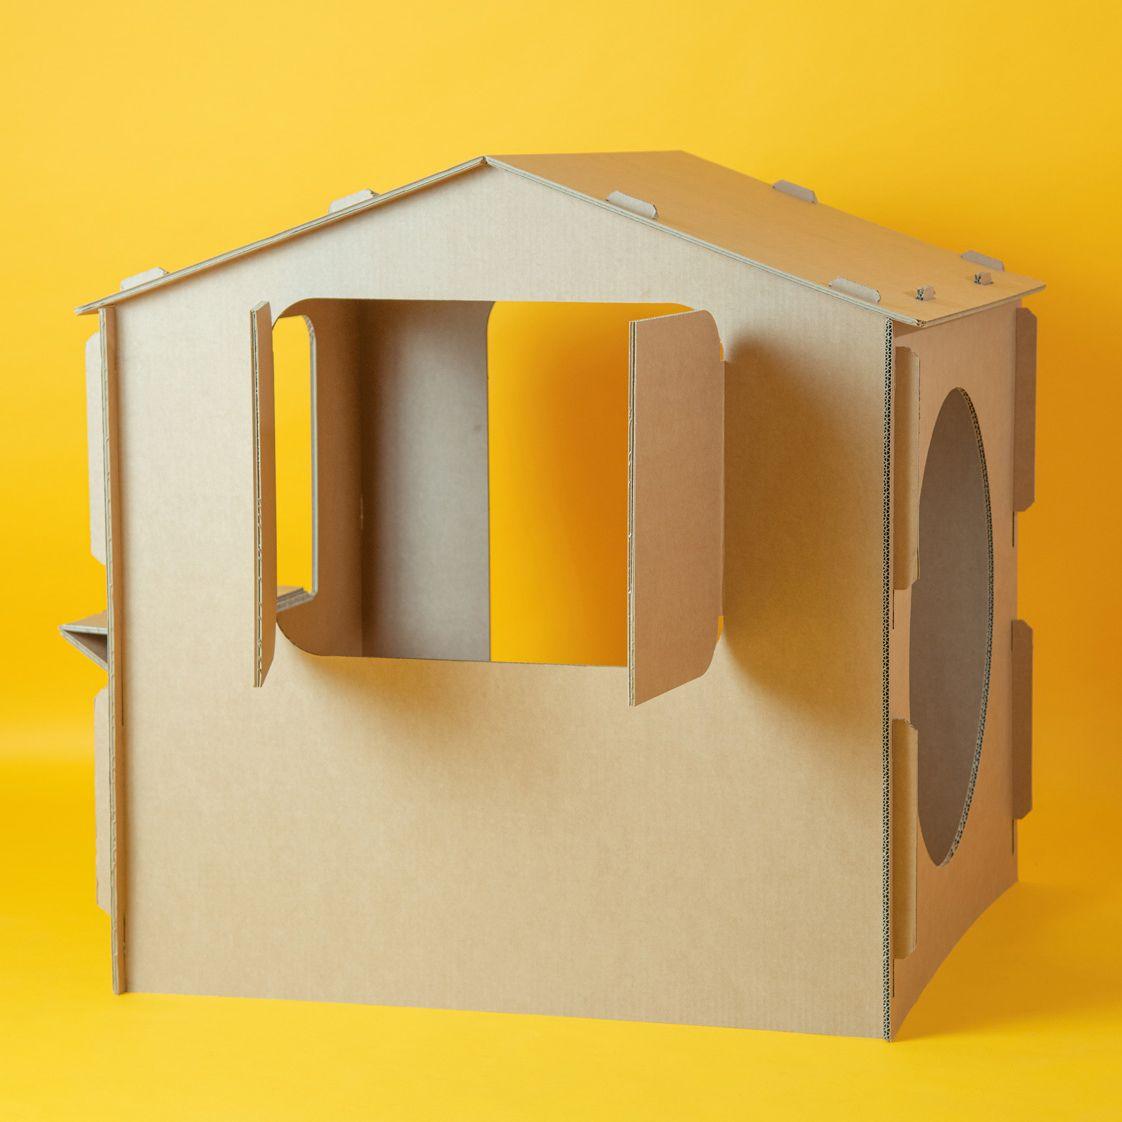 Caseta de cartón para montar